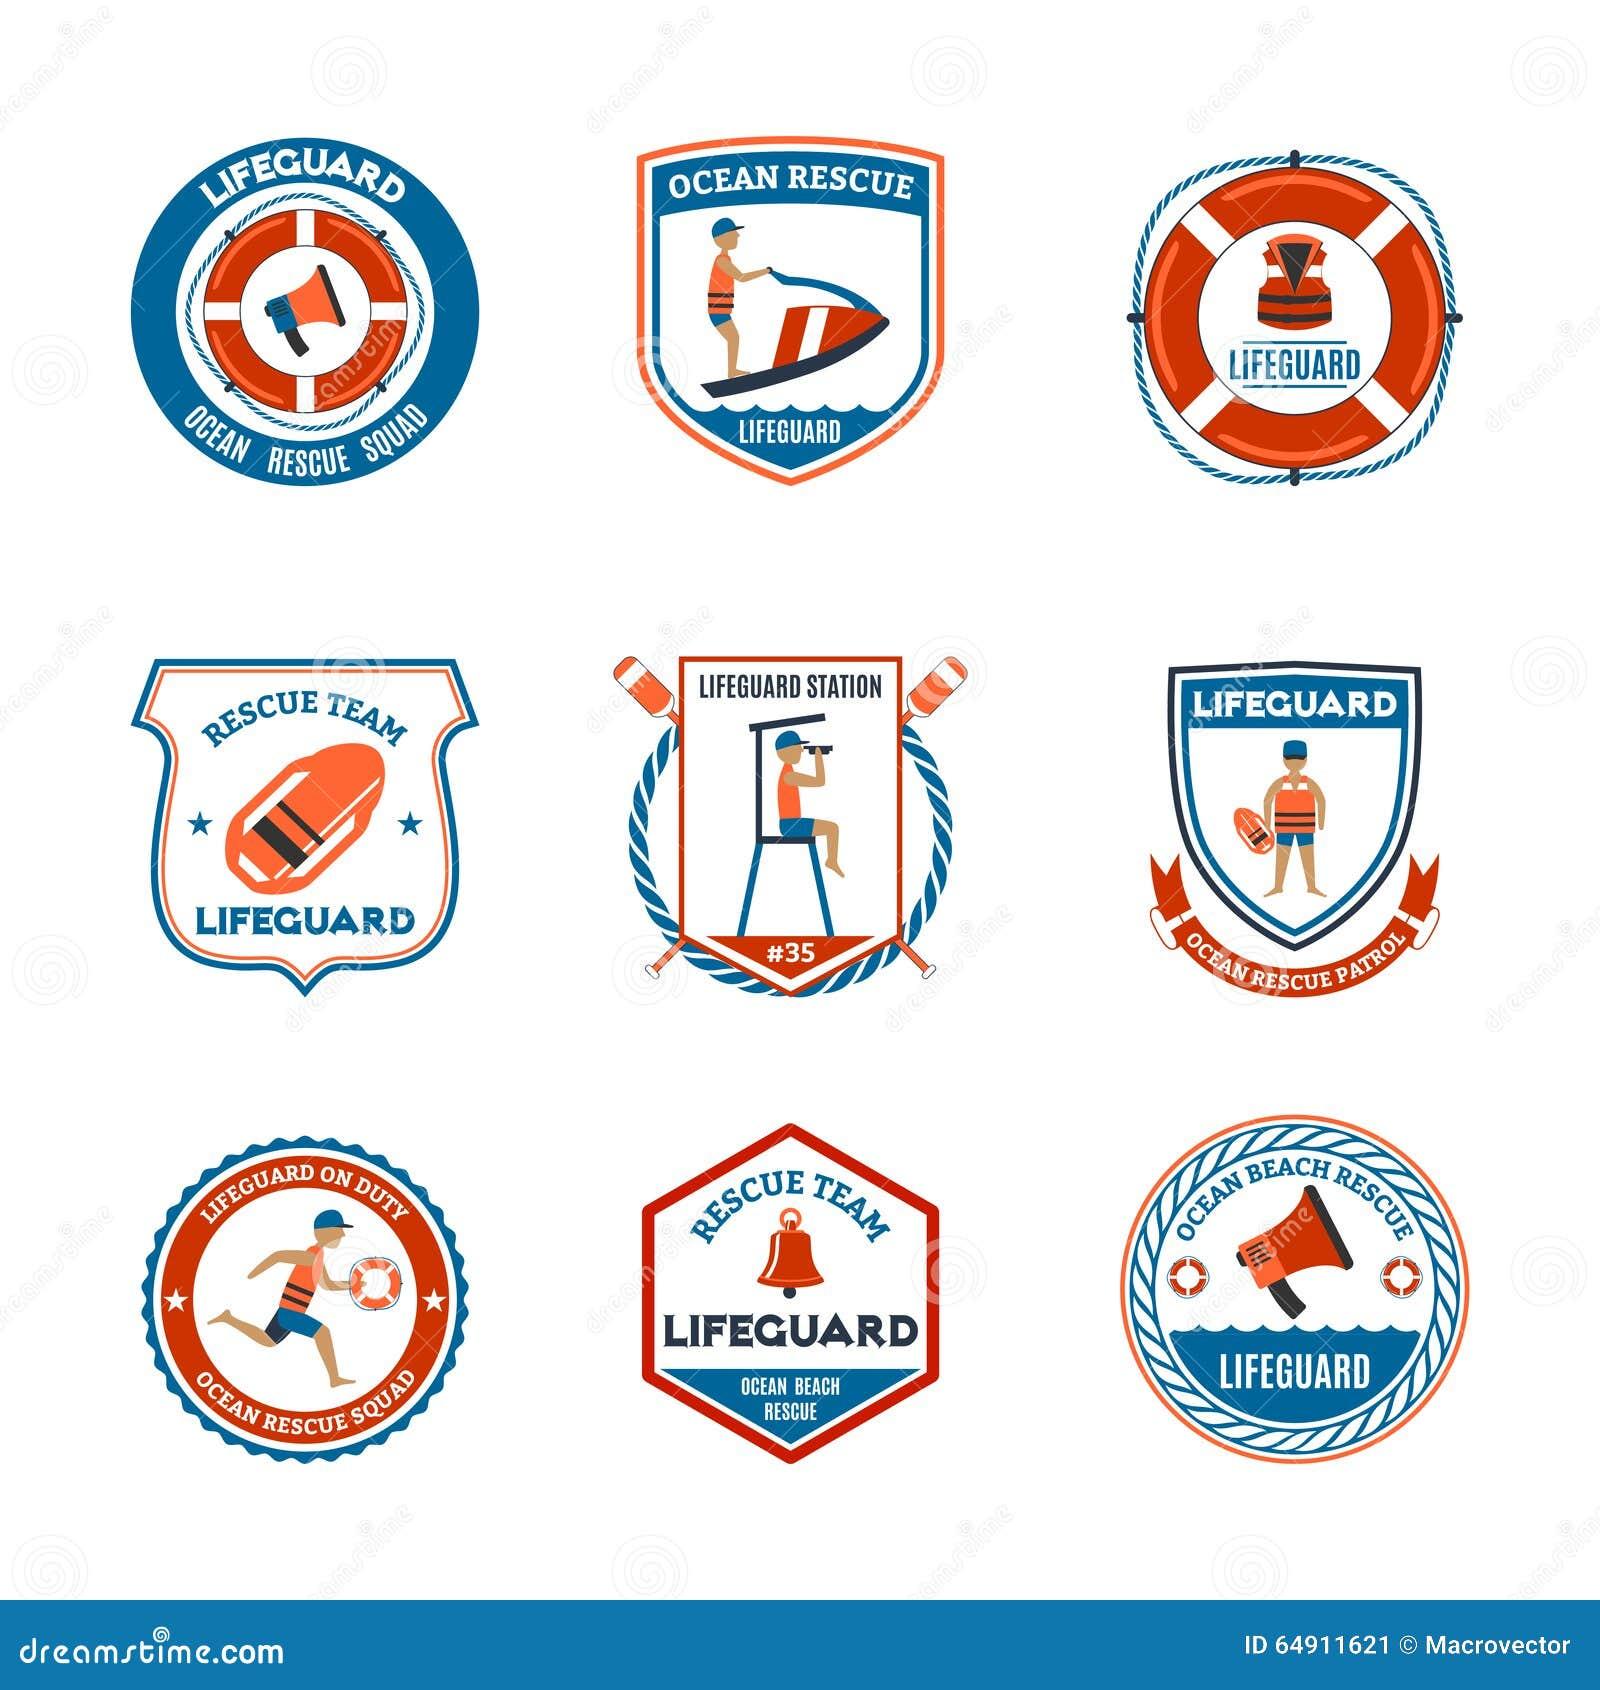 Lifeguard Logo Design